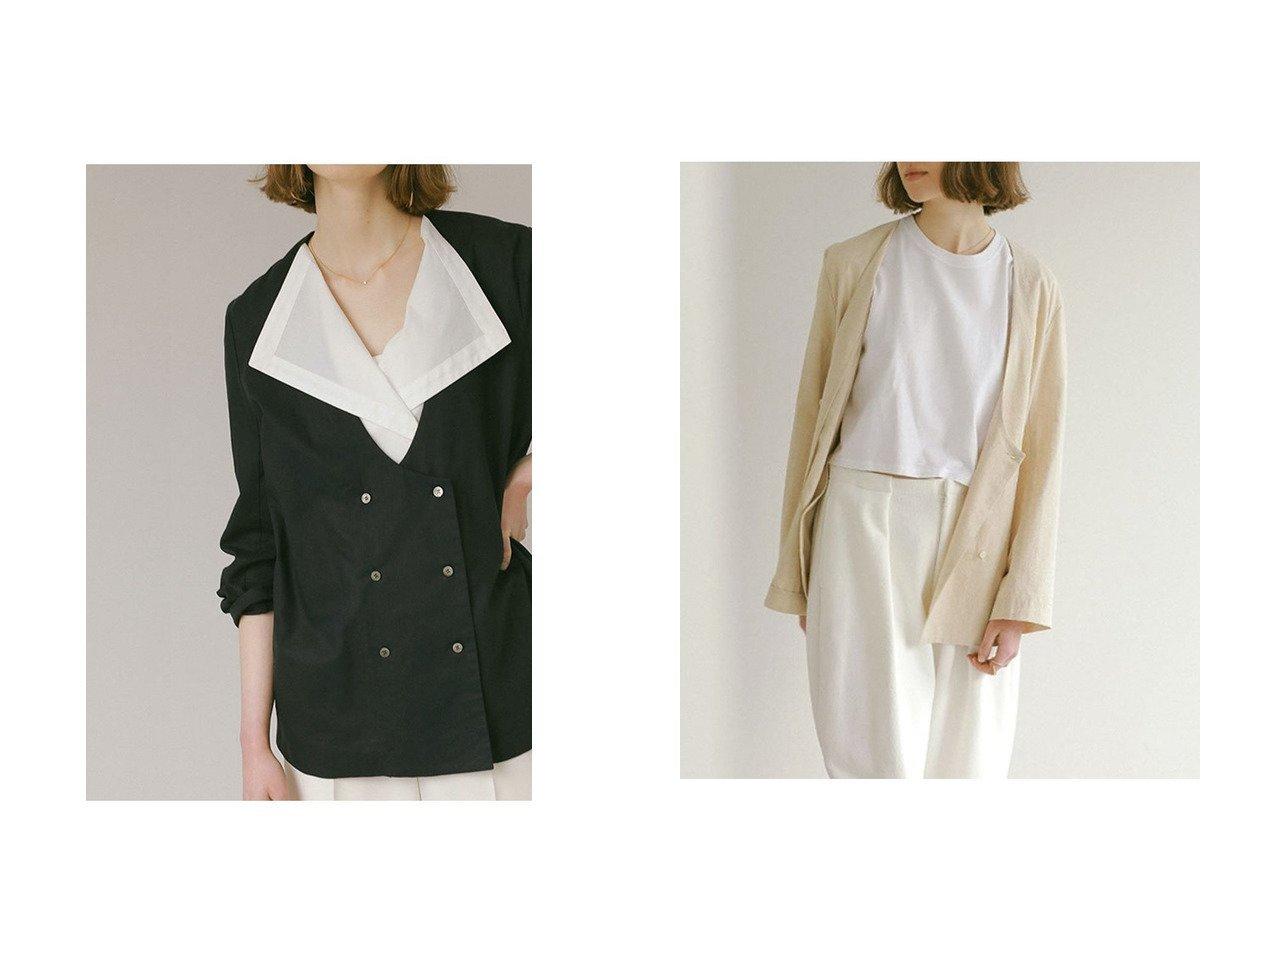 【ETRE TOKYO/エトレトウキョウ】のレイヤードライクジャケット 【アウター】おすすめ!人気、トレンド・レディースファッションの通販 おすすめで人気の流行・トレンド、ファッションの通販商品 インテリア・家具・メンズファッション・キッズファッション・レディースファッション・服の通販 founy(ファニー) https://founy.com/ ファッション Fashion レディースファッション WOMEN アウター Coat Outerwear ジャケット Jackets おすすめ Recommend ジャケット セットアップ トレンド ベスト 今季 |ID:crp329100000055434